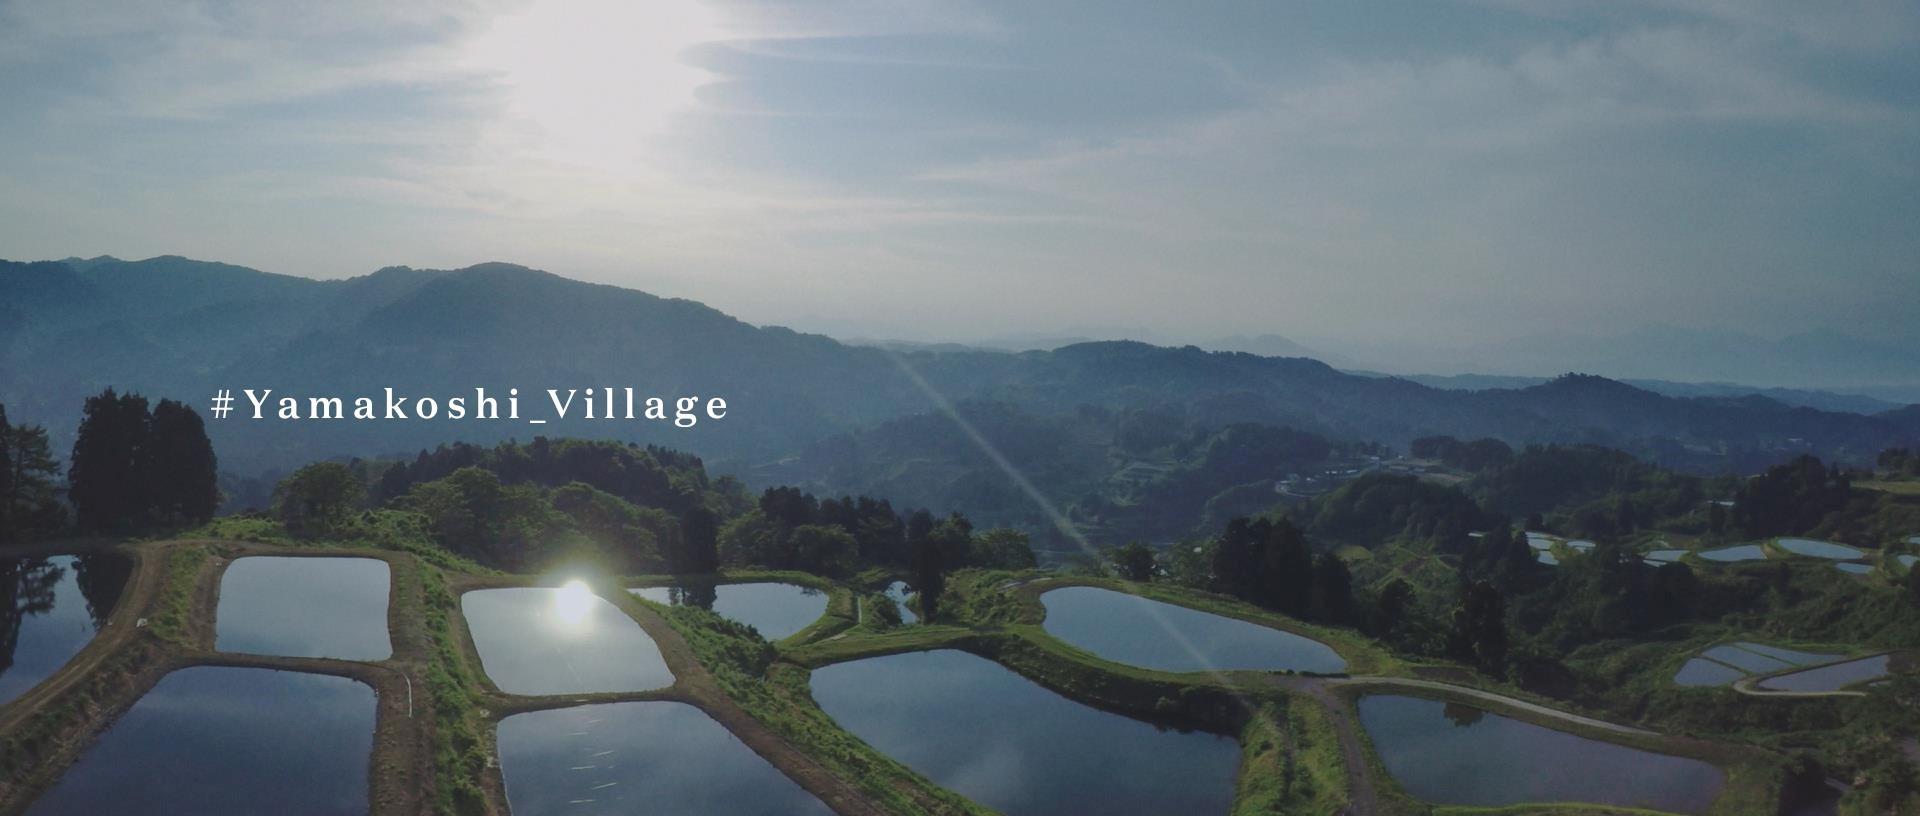 ヤマコシビレッジ画像